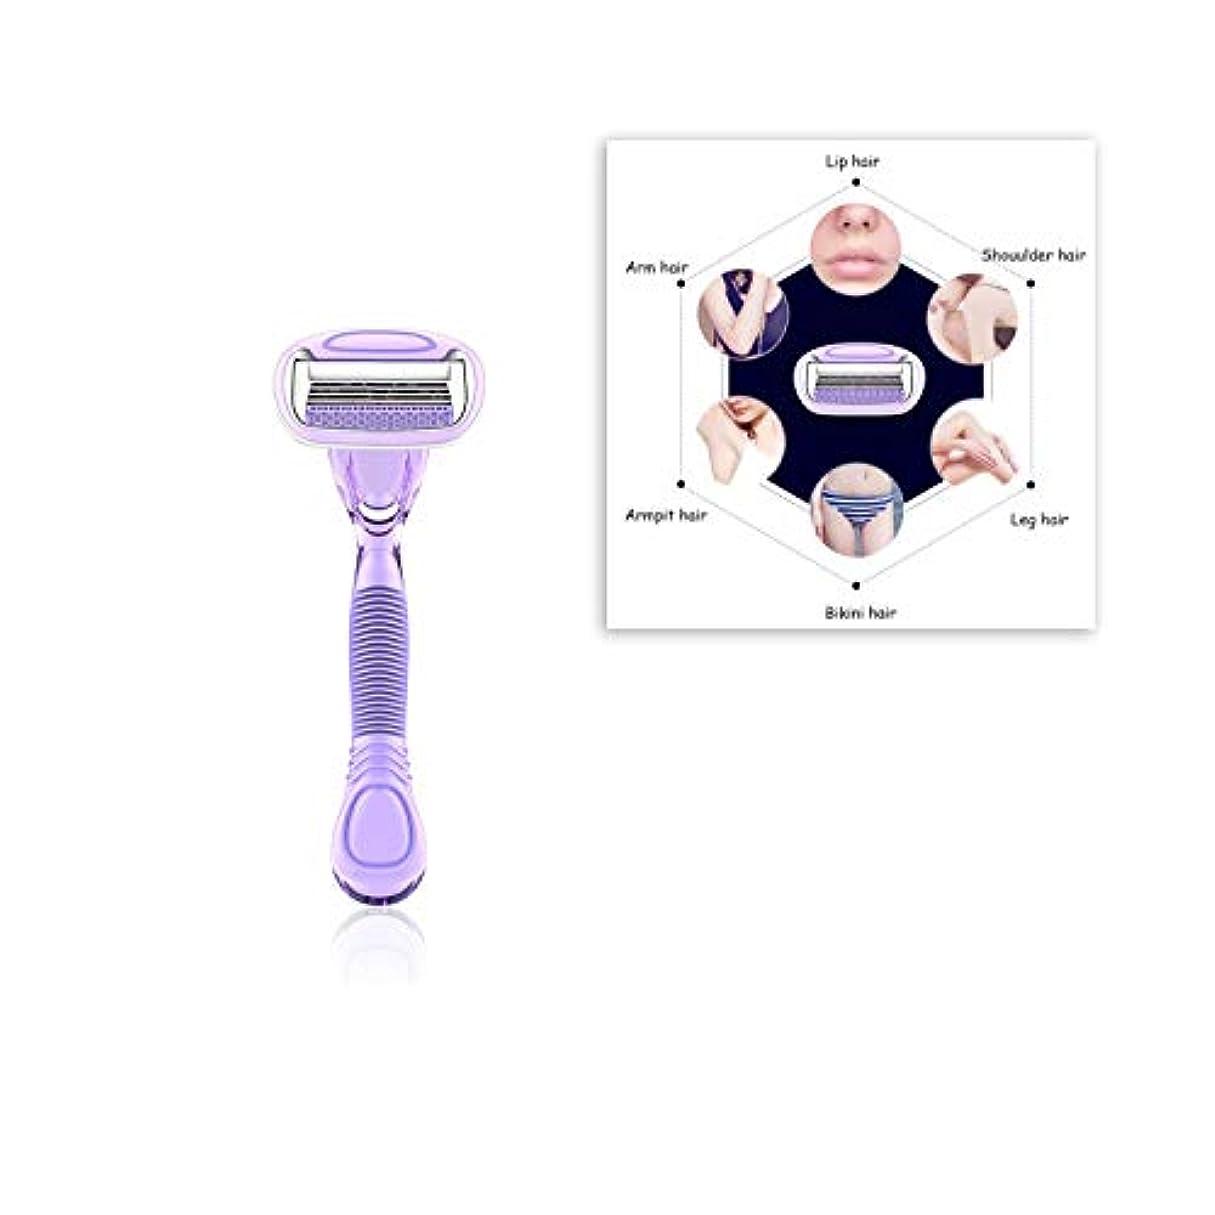 祭り測定可能ソロ脱毛器 - 手動脱毛器、かみそり、体、顔、ビキニ、脇の下のための女性の無痛脱毛剤